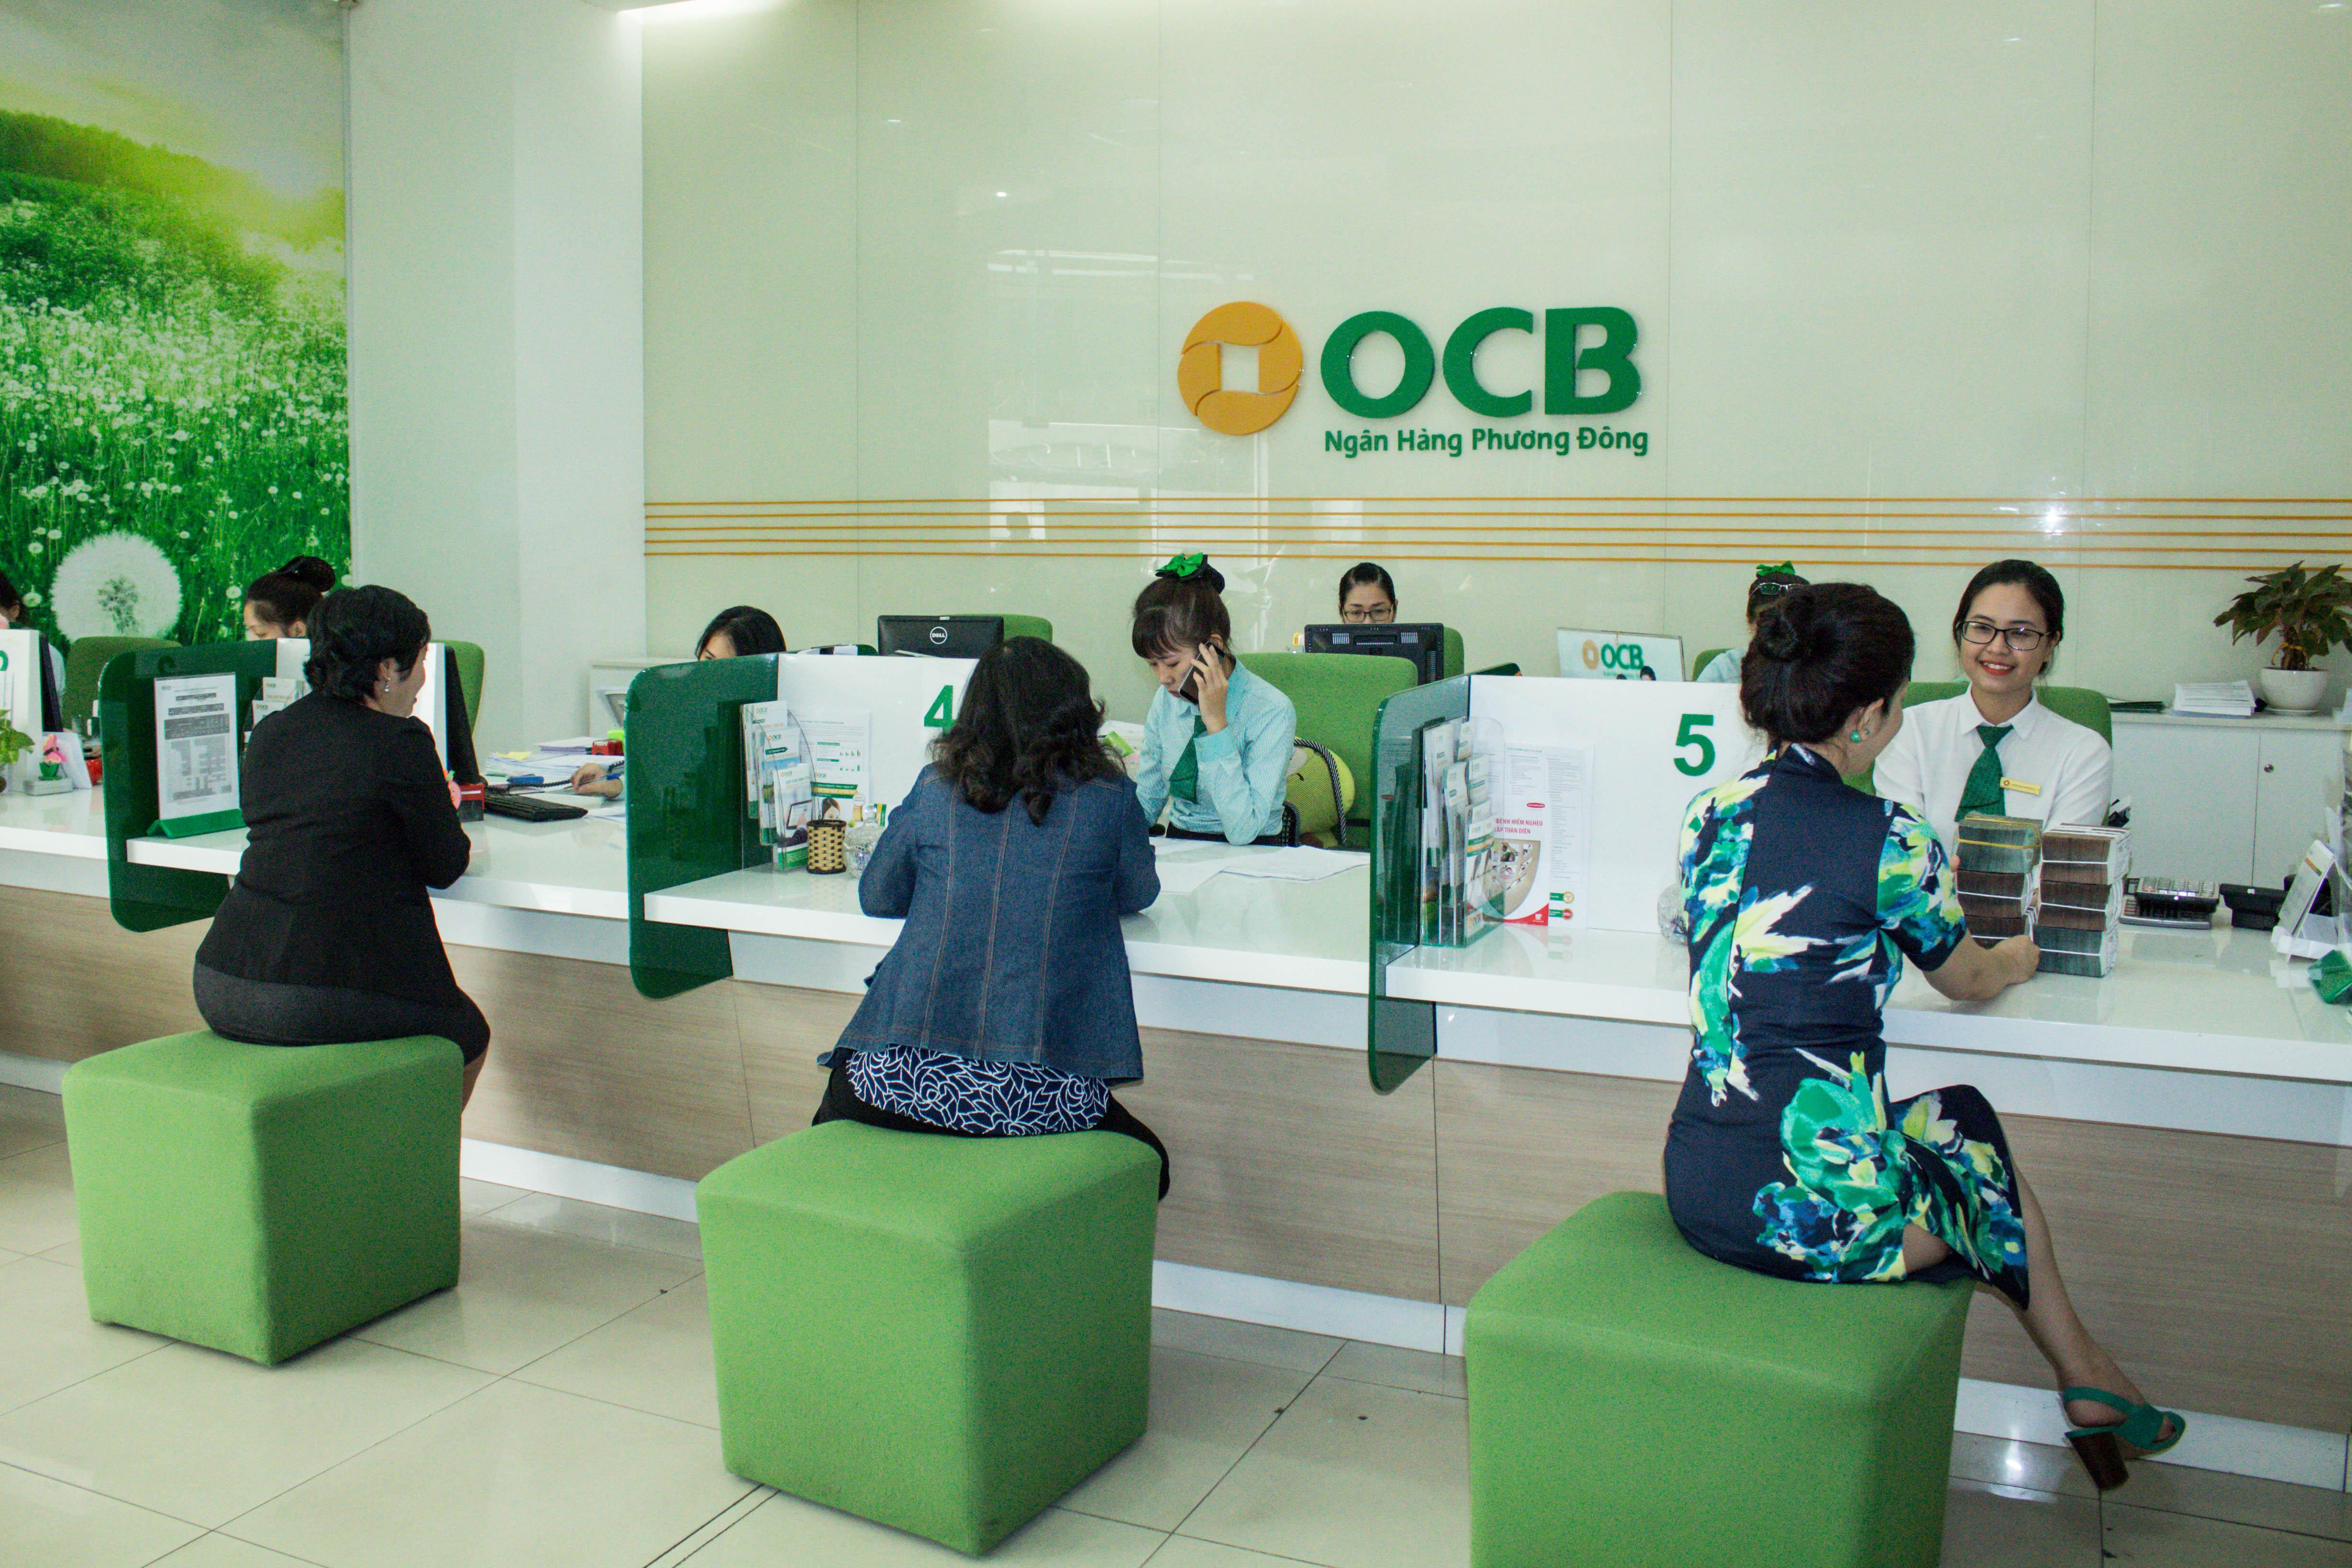 OCB đạt 101% kế hoạch lợi nhuận năm 2017 chỉ sau 9 tháng